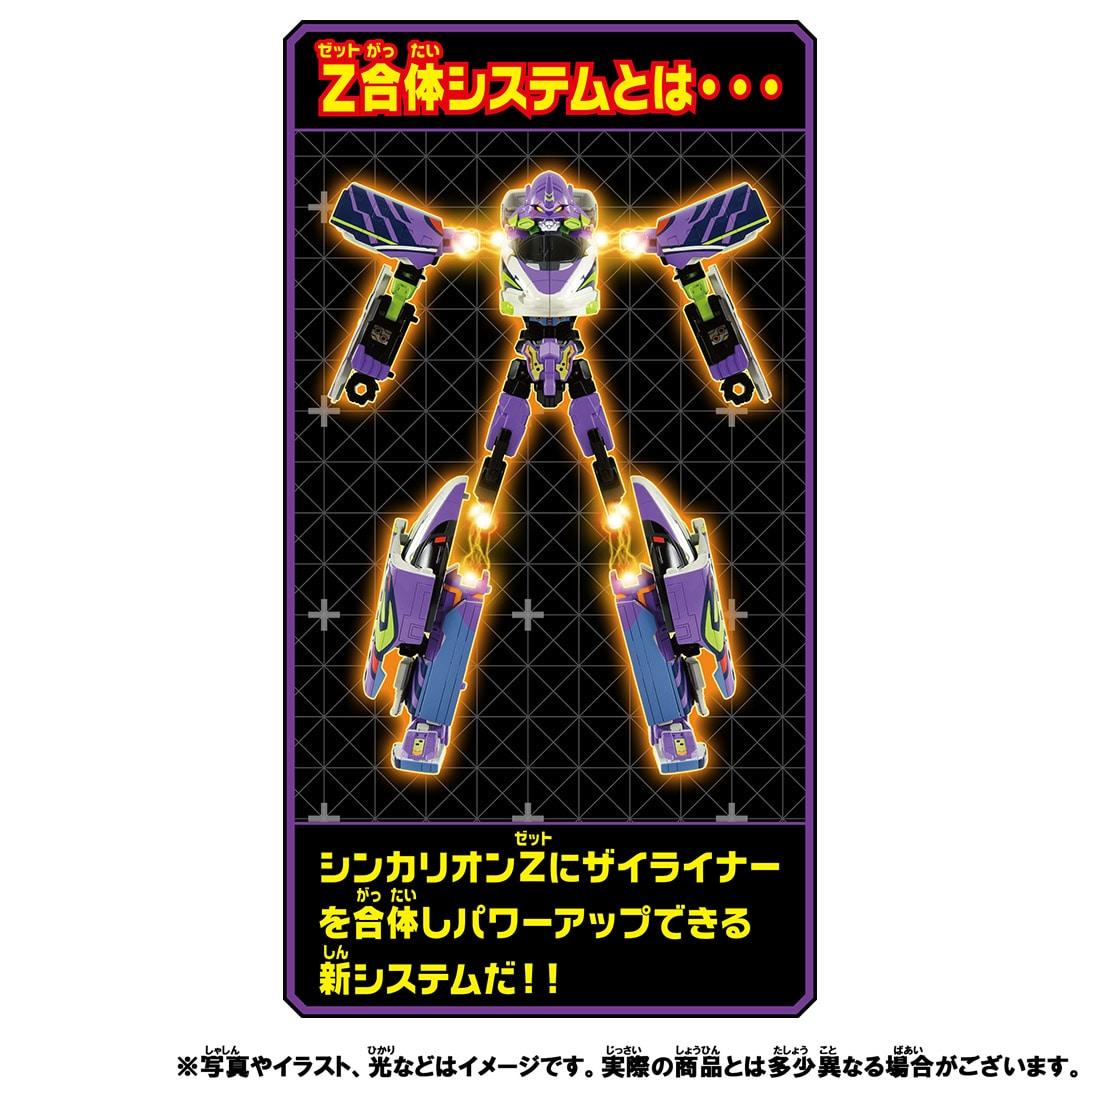 新幹線変形ロボ シンカリオンZ『シンカリオンZ 500 ミュースカイ TYPE EVA』可変合体プラレール-006